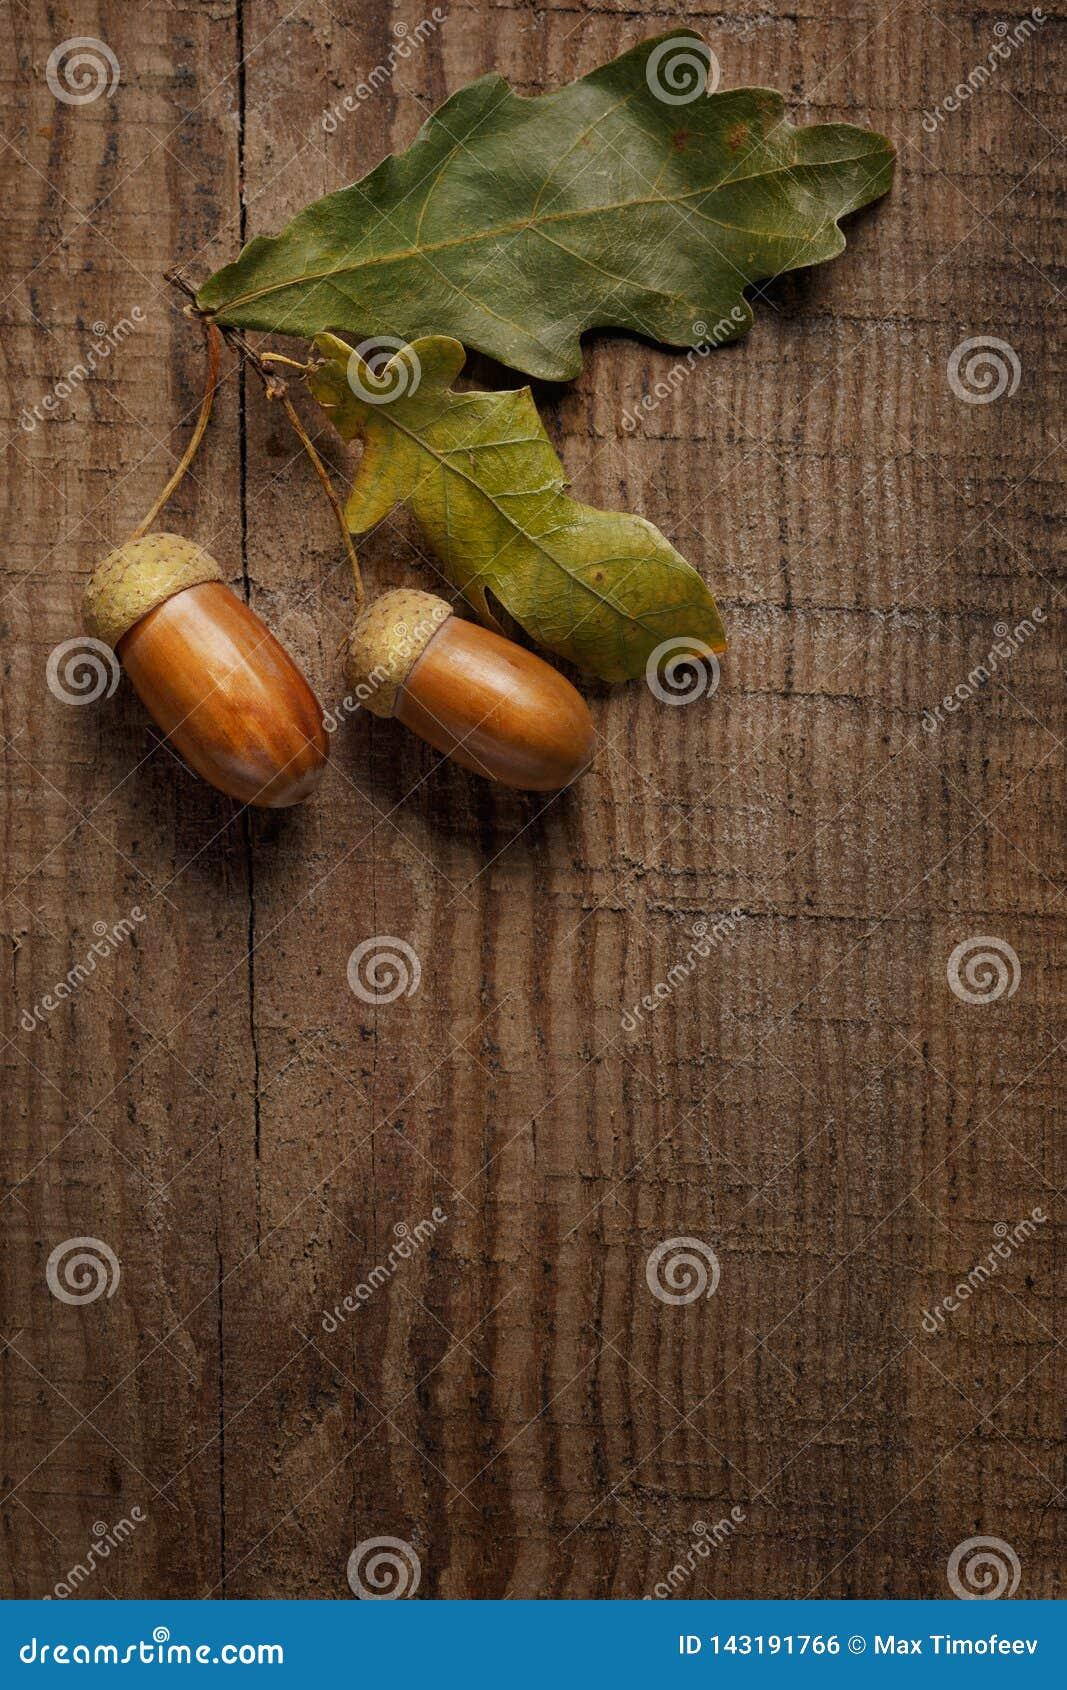 сухие листья и жолудь на деревянной предпосылке